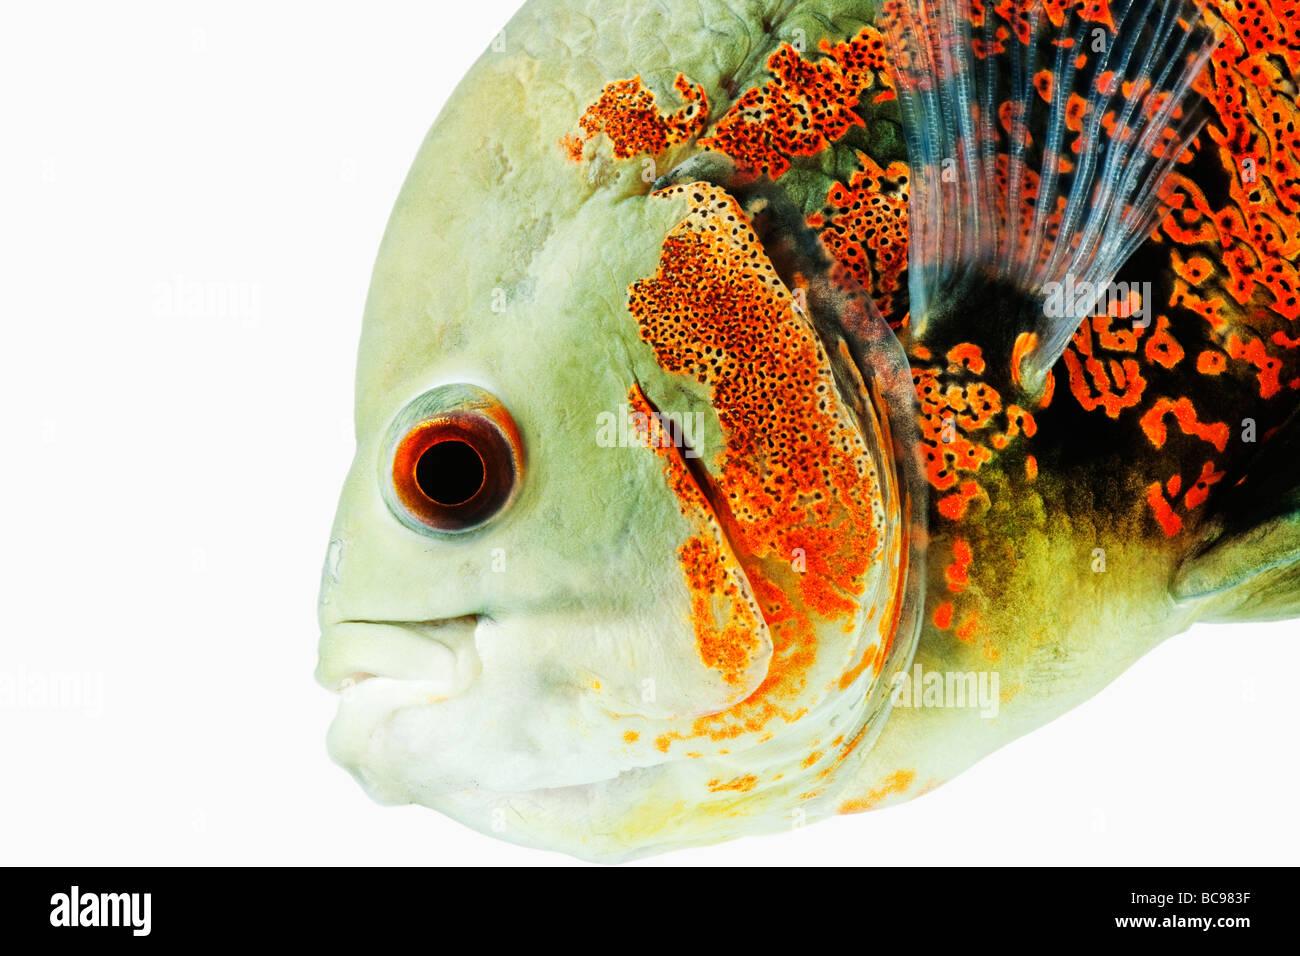 Astonotus ocellatus Oscar pêcher les poissons d'eau douce tropicaux Dist Brésil Guinée française Photo Stock